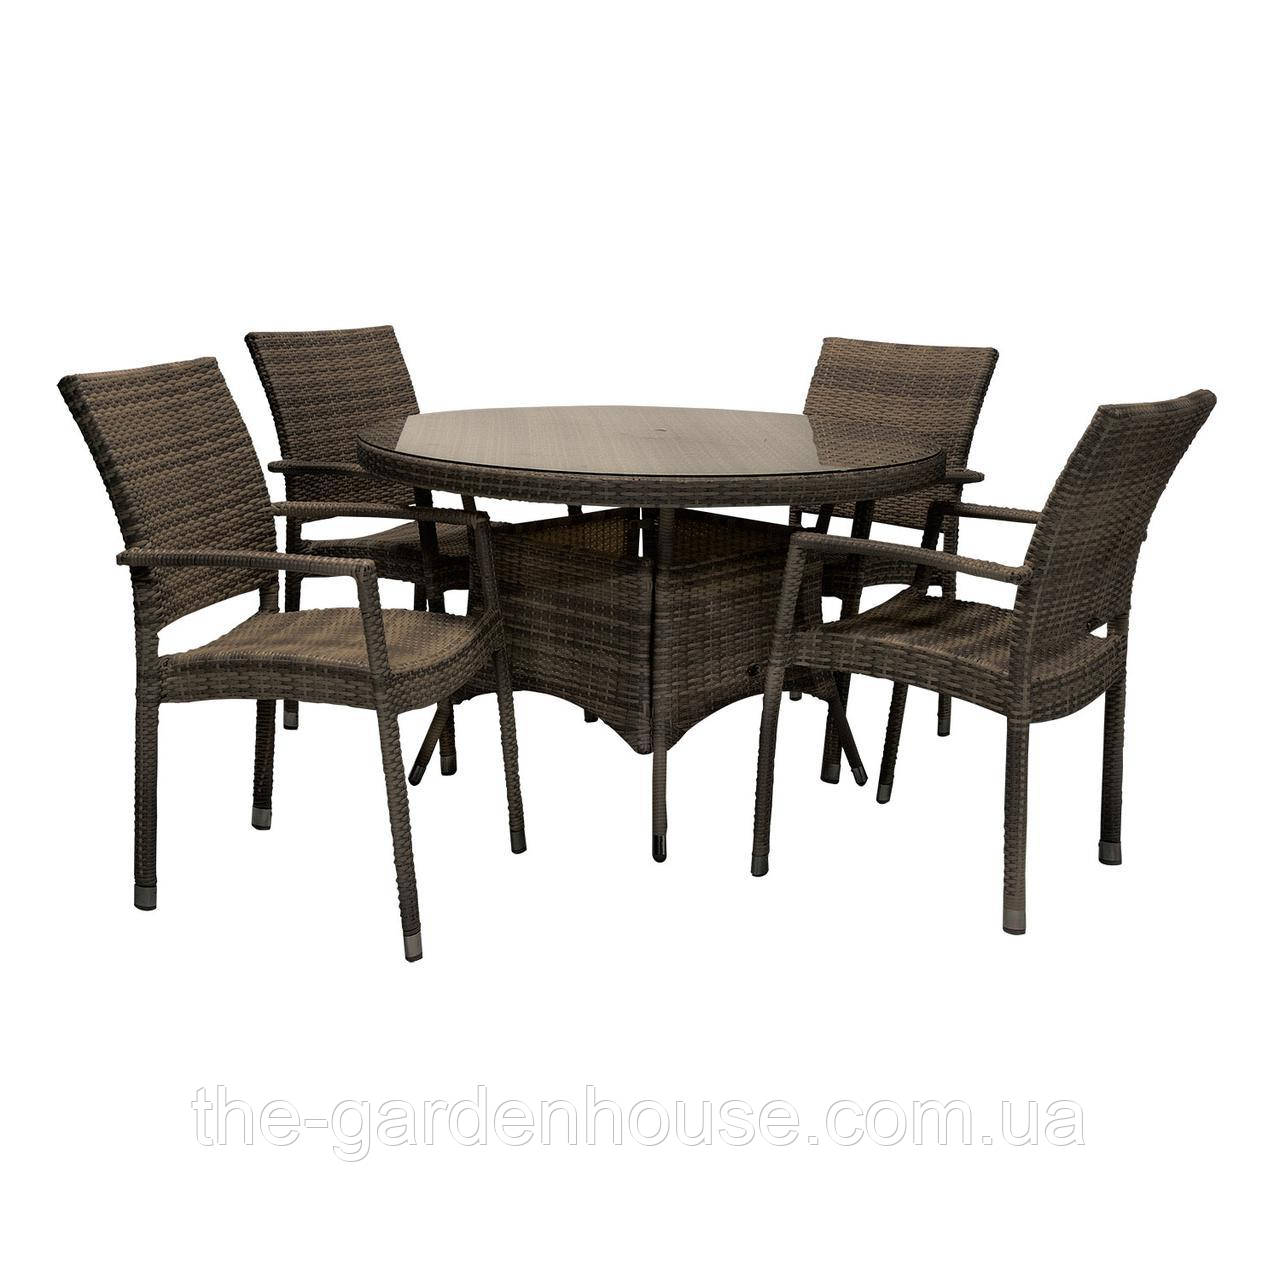 Обеденный комплект из искусственного ротанга Wicker: стол 120 см и 4 стула темно-коричневый